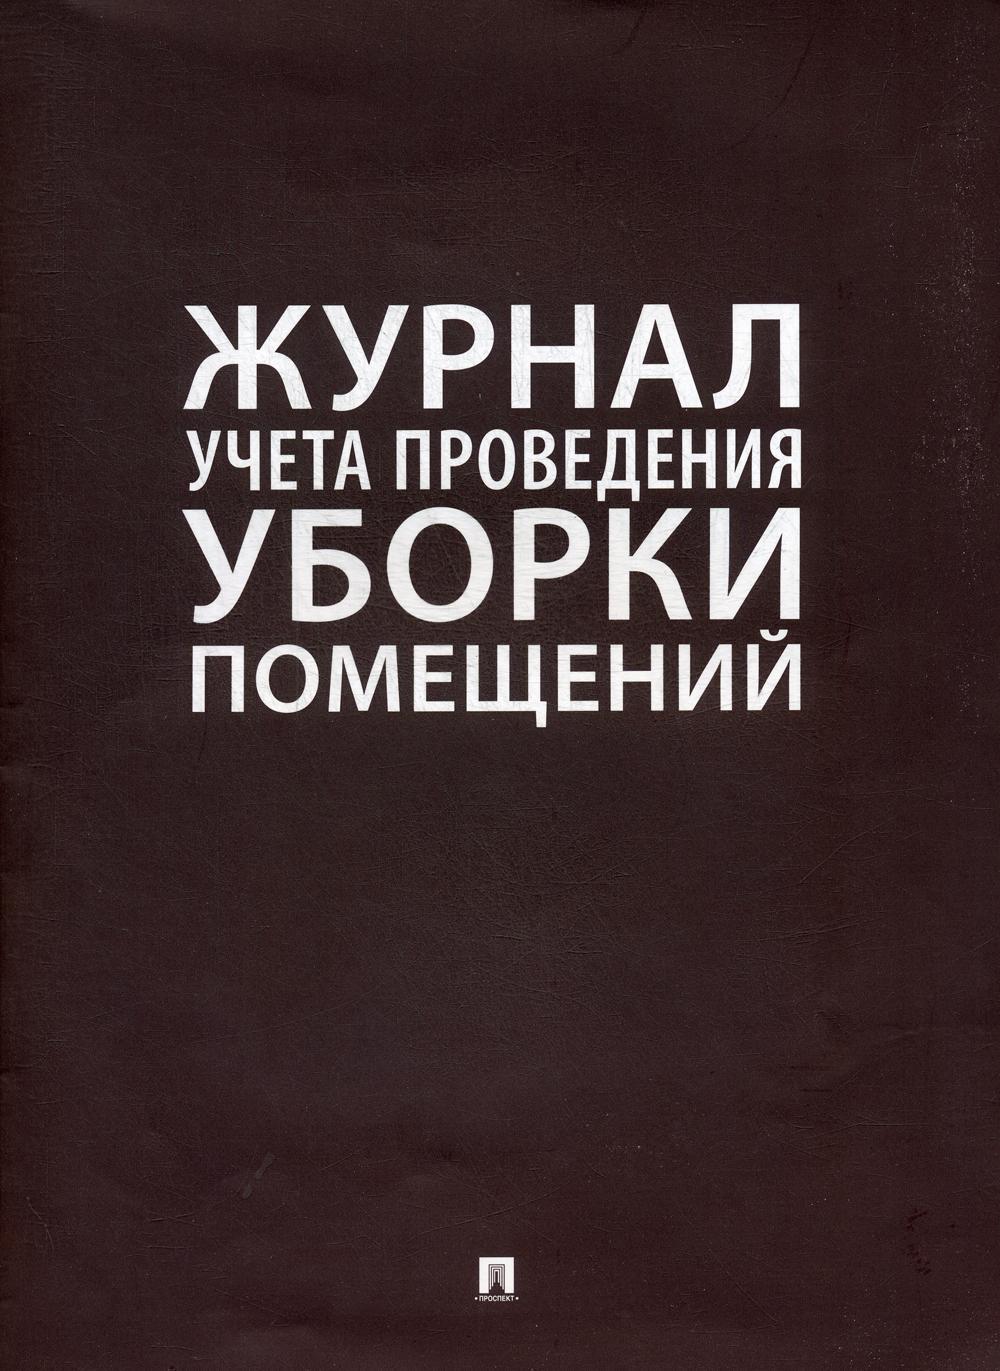 Журнал учета проведения уборки помещений